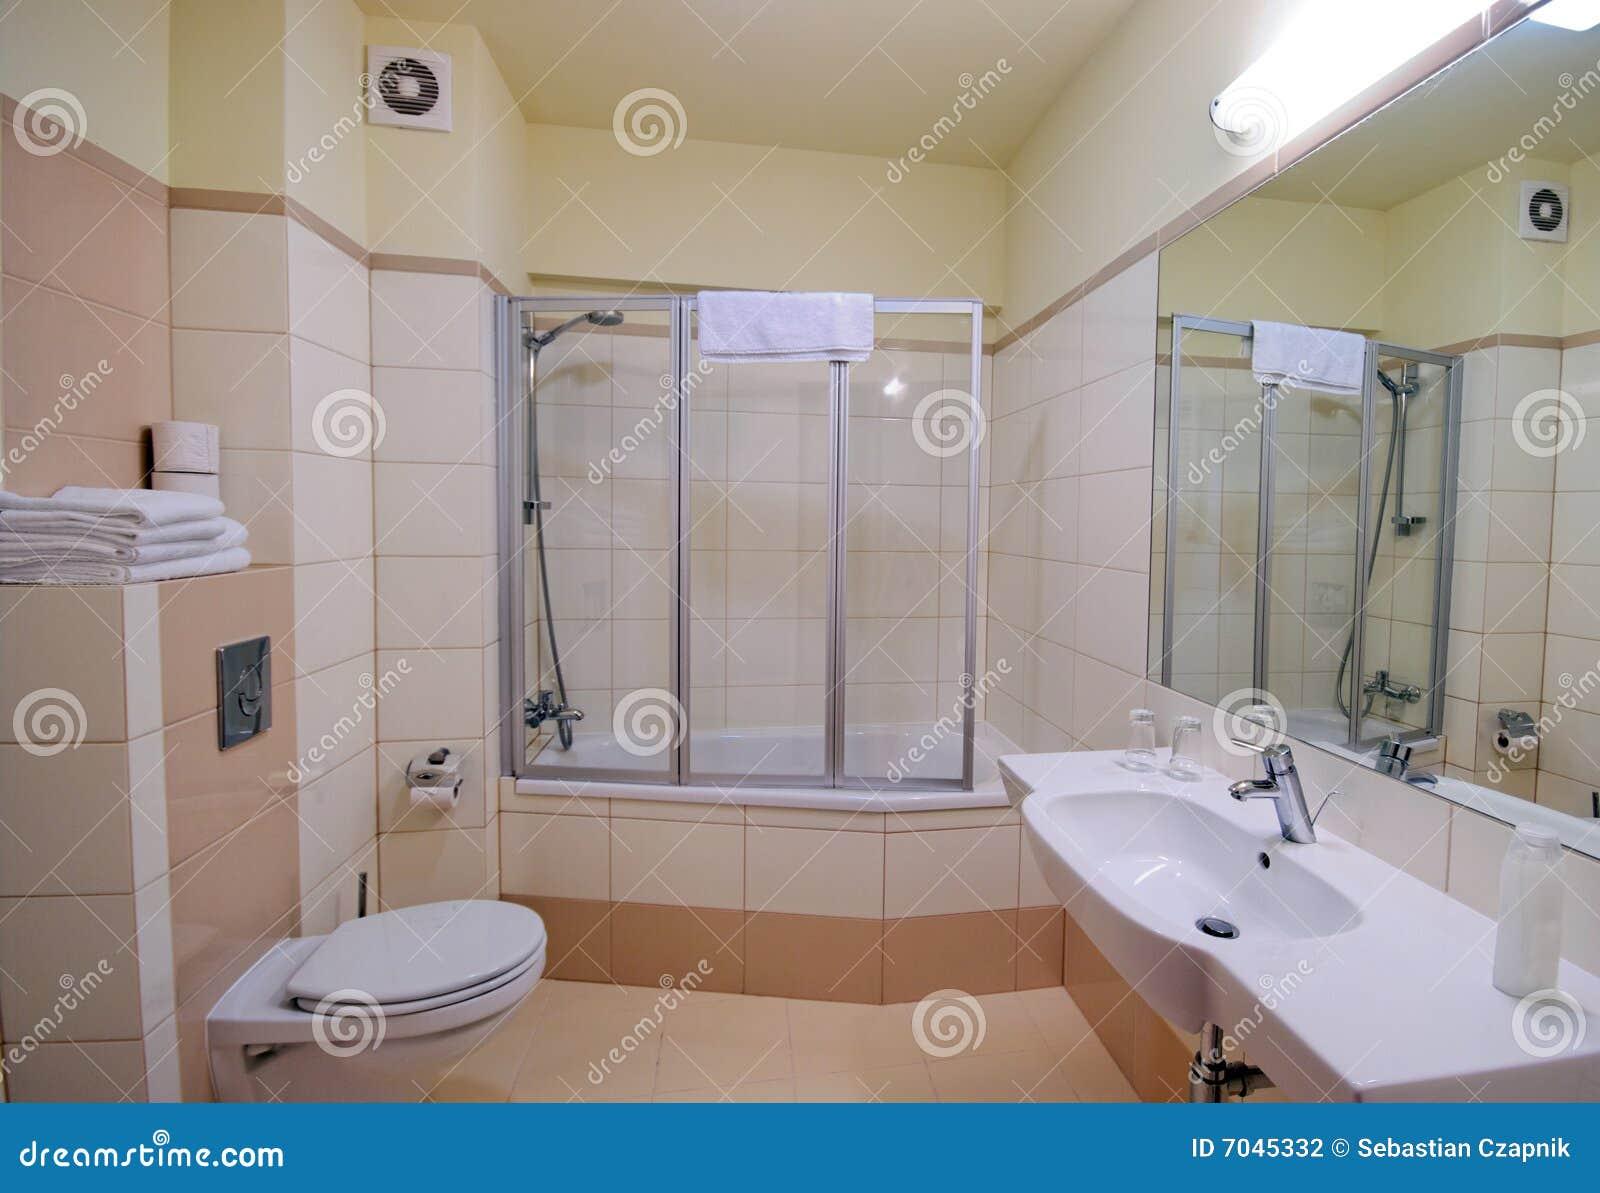 Cabine do chuveiro do banheiro foto de stock imagem de for Diseno de cuartos de bano con ducha